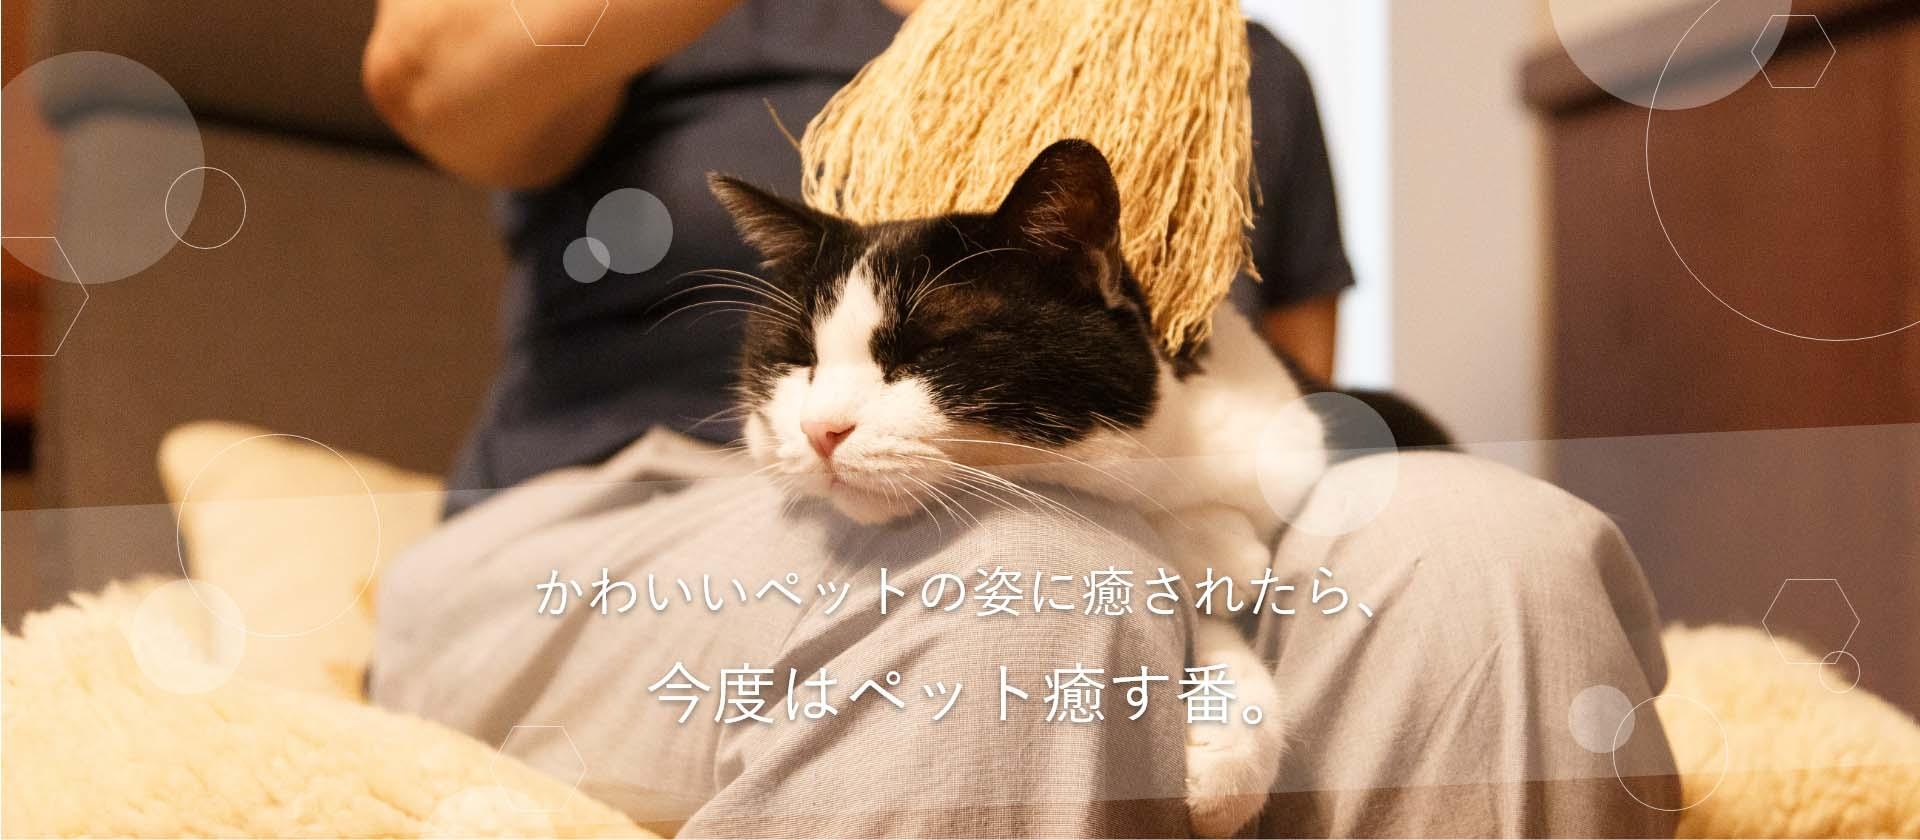 愛犬、愛猫、愛するペットを癒す箒。高倉工芸の癒し箒(ペットブラシ)のご紹介。